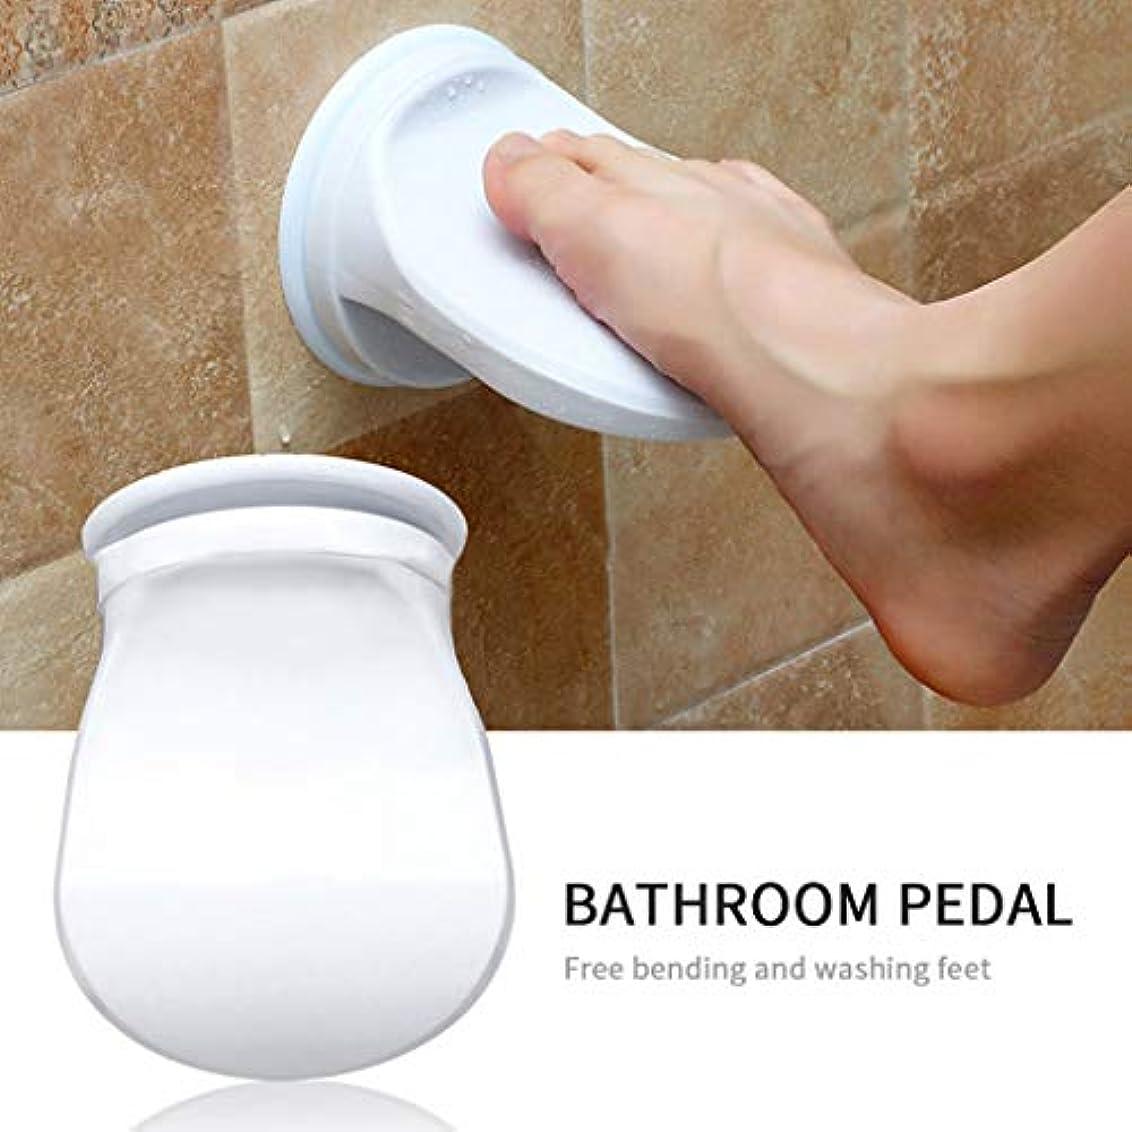 シャワーフットレスト,Tichan 洗濯シェービングレッグバスルームシャワー節約フットレストノンスリップ吸引カップ